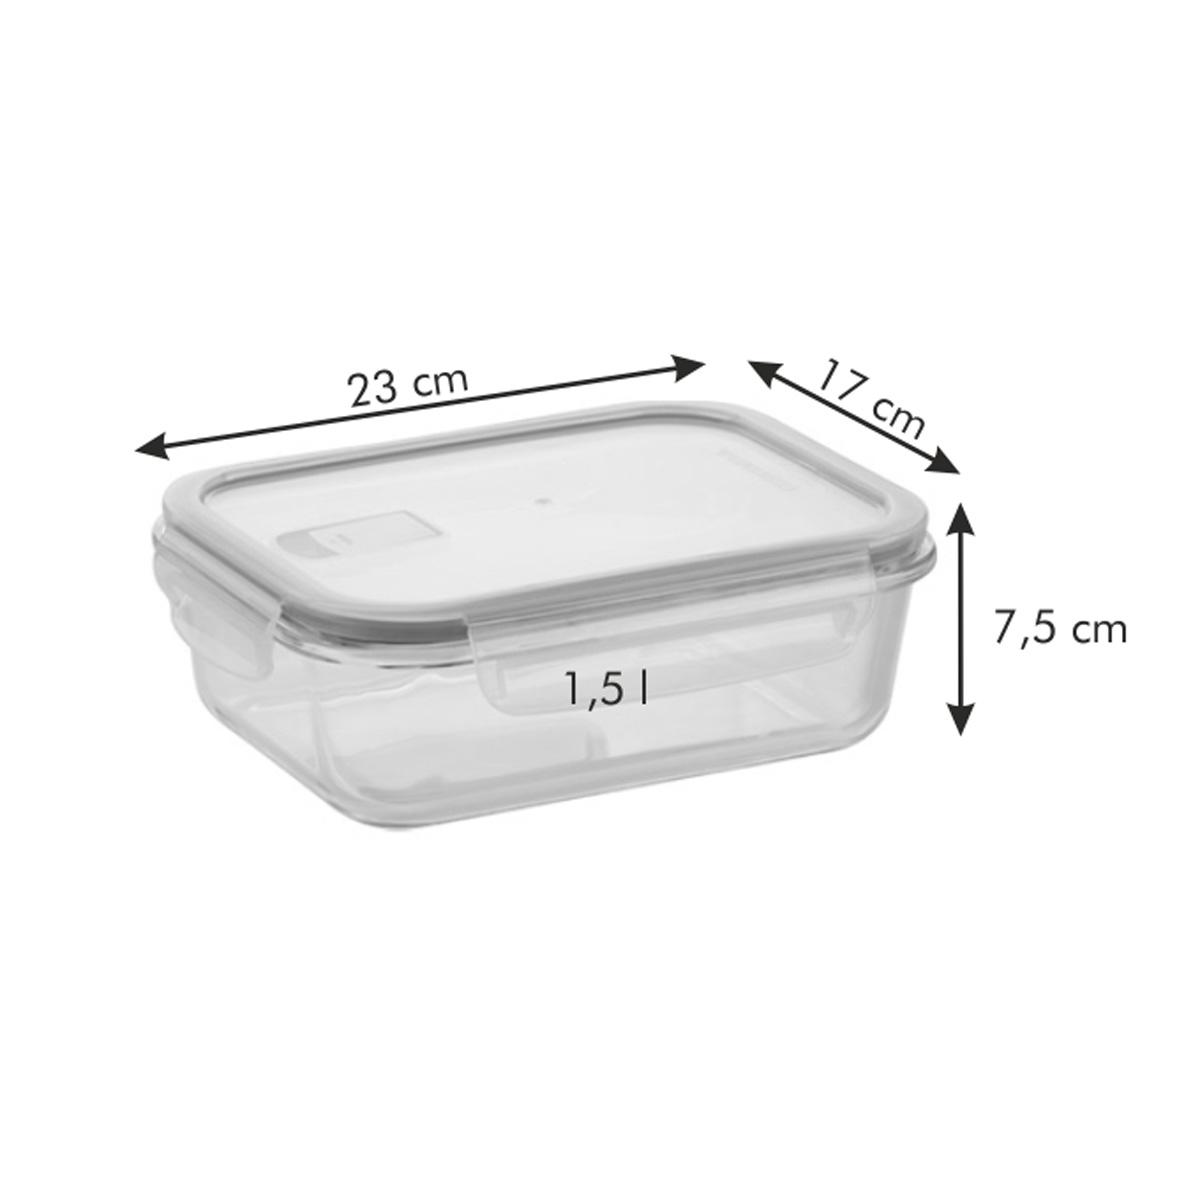 Dóza FRESHBOX GLASS 1.5 l, obdélníková